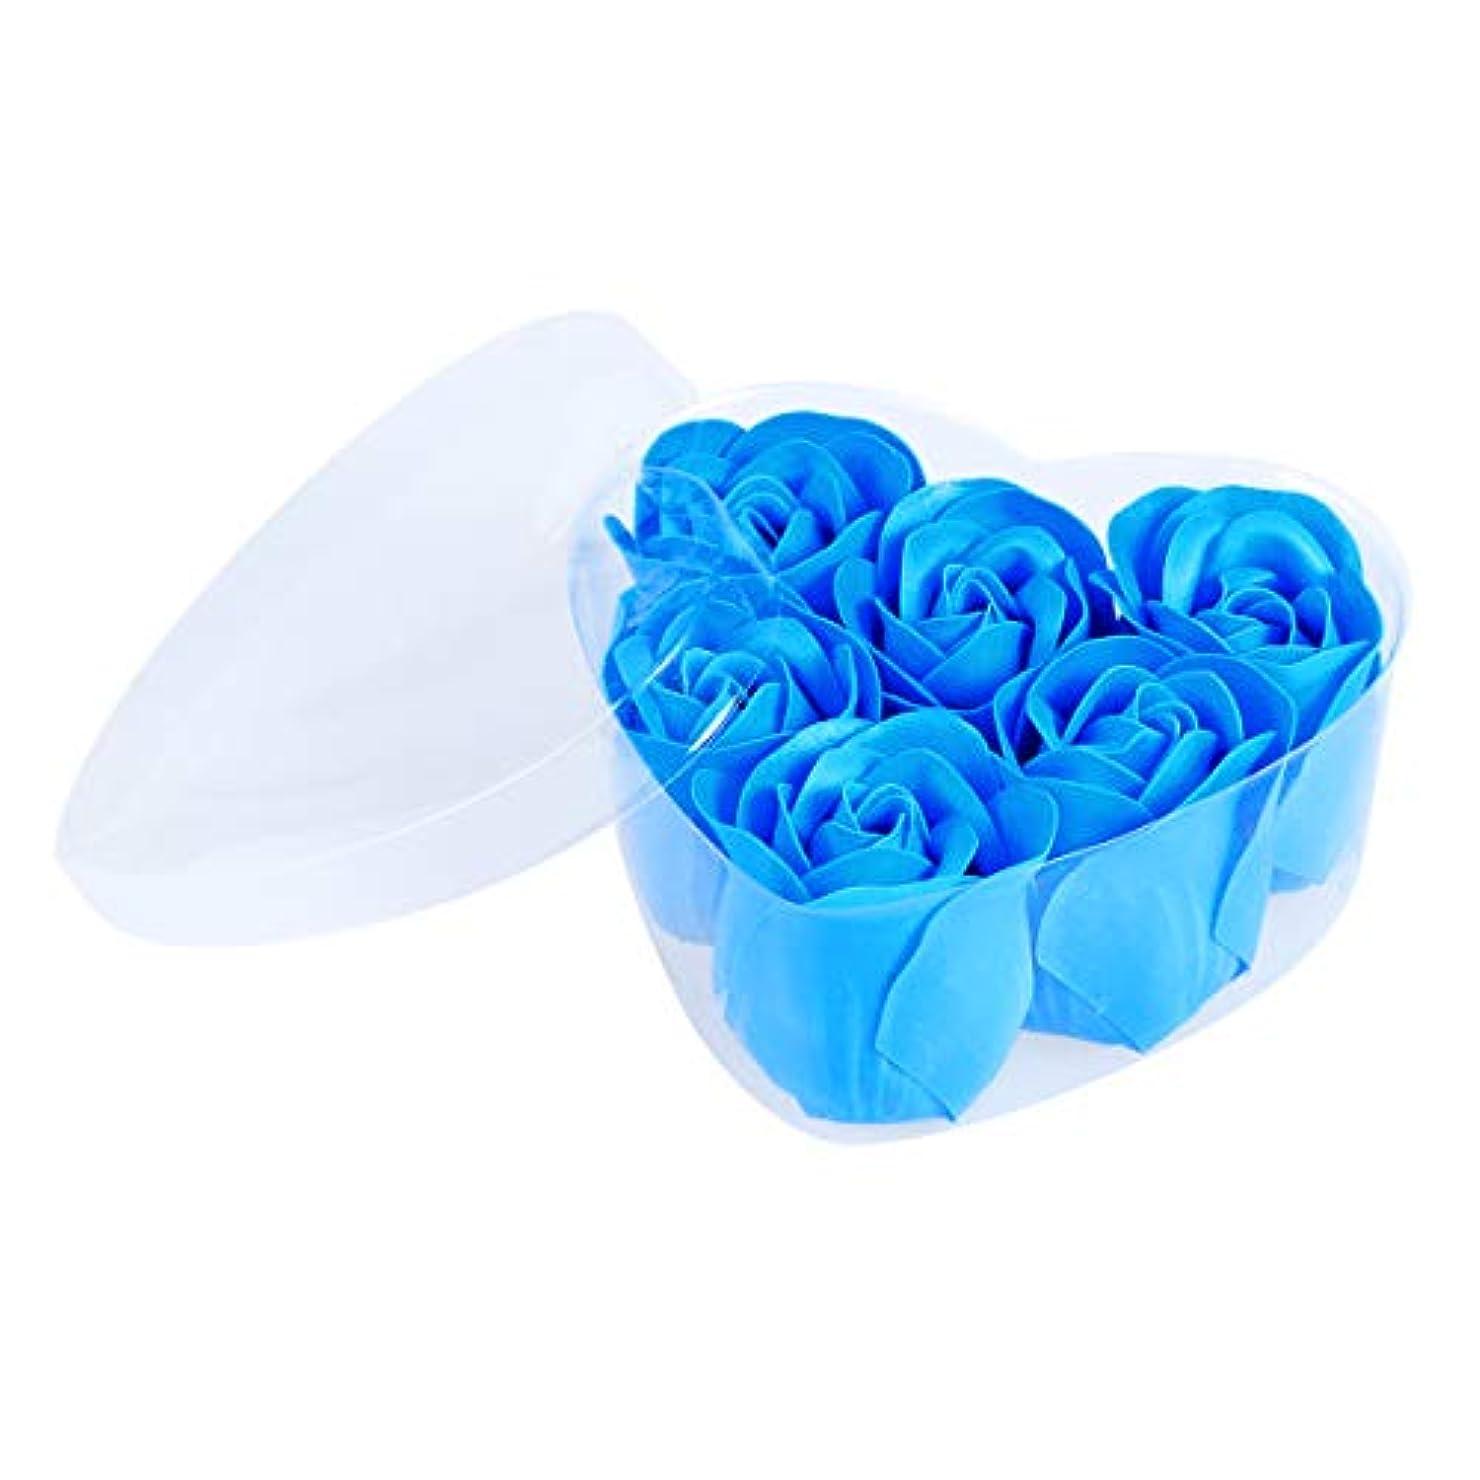 合唱団ヒゲネーピアFRCOLOR 6ピースシミュレーションローズソープハート型フラワーソープギフトボックス用誕生日Valentin's Day(Blue)